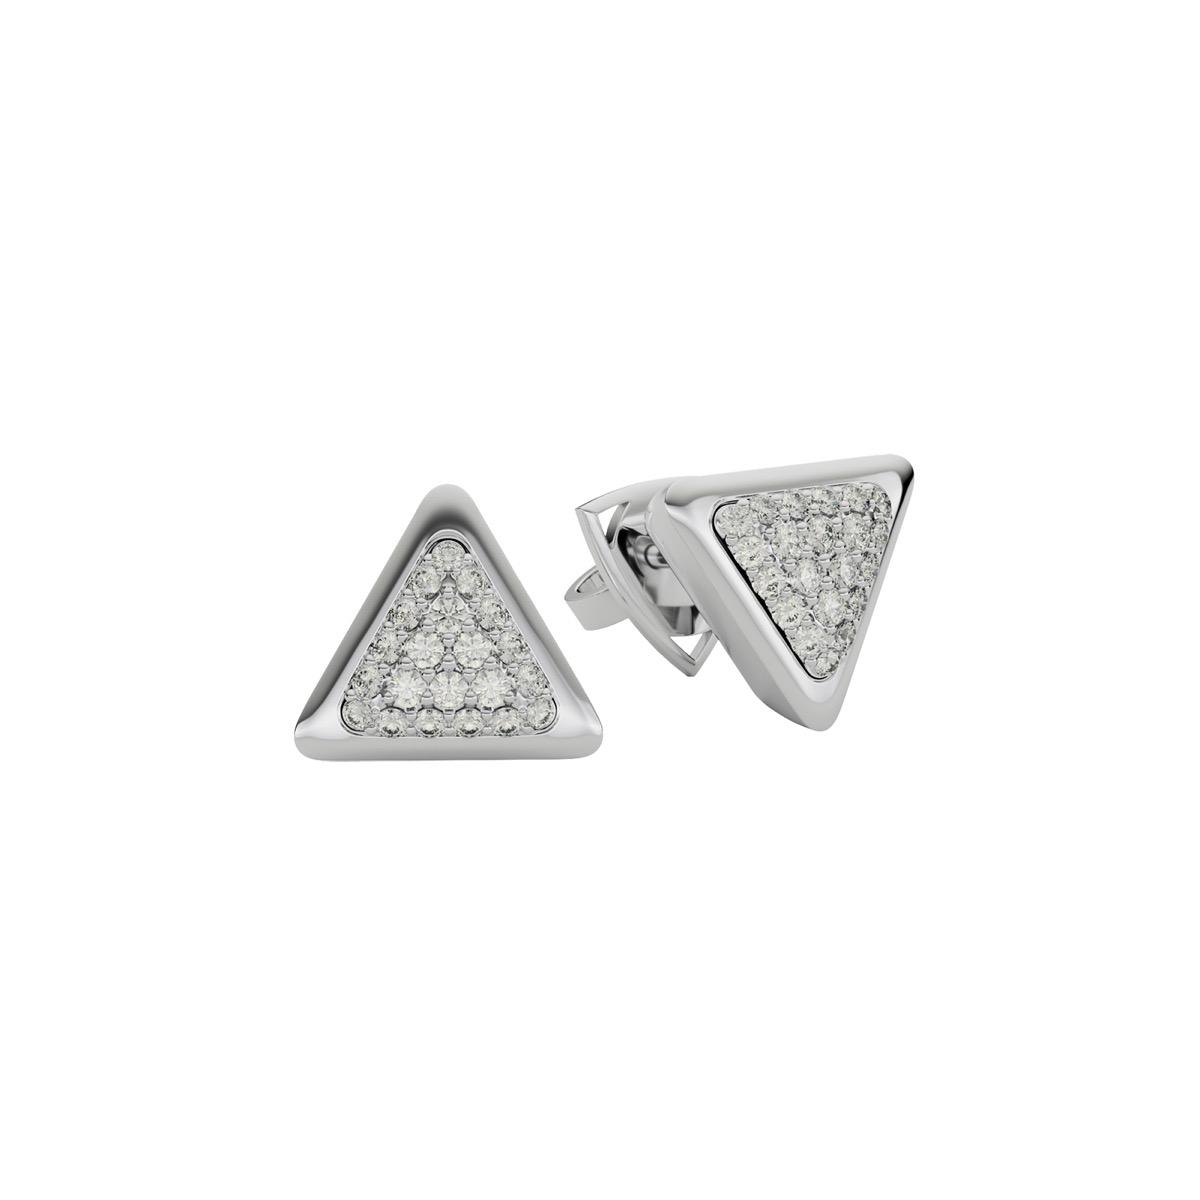 Earrings One Anniversary White Gold Full Diamonds Pavé